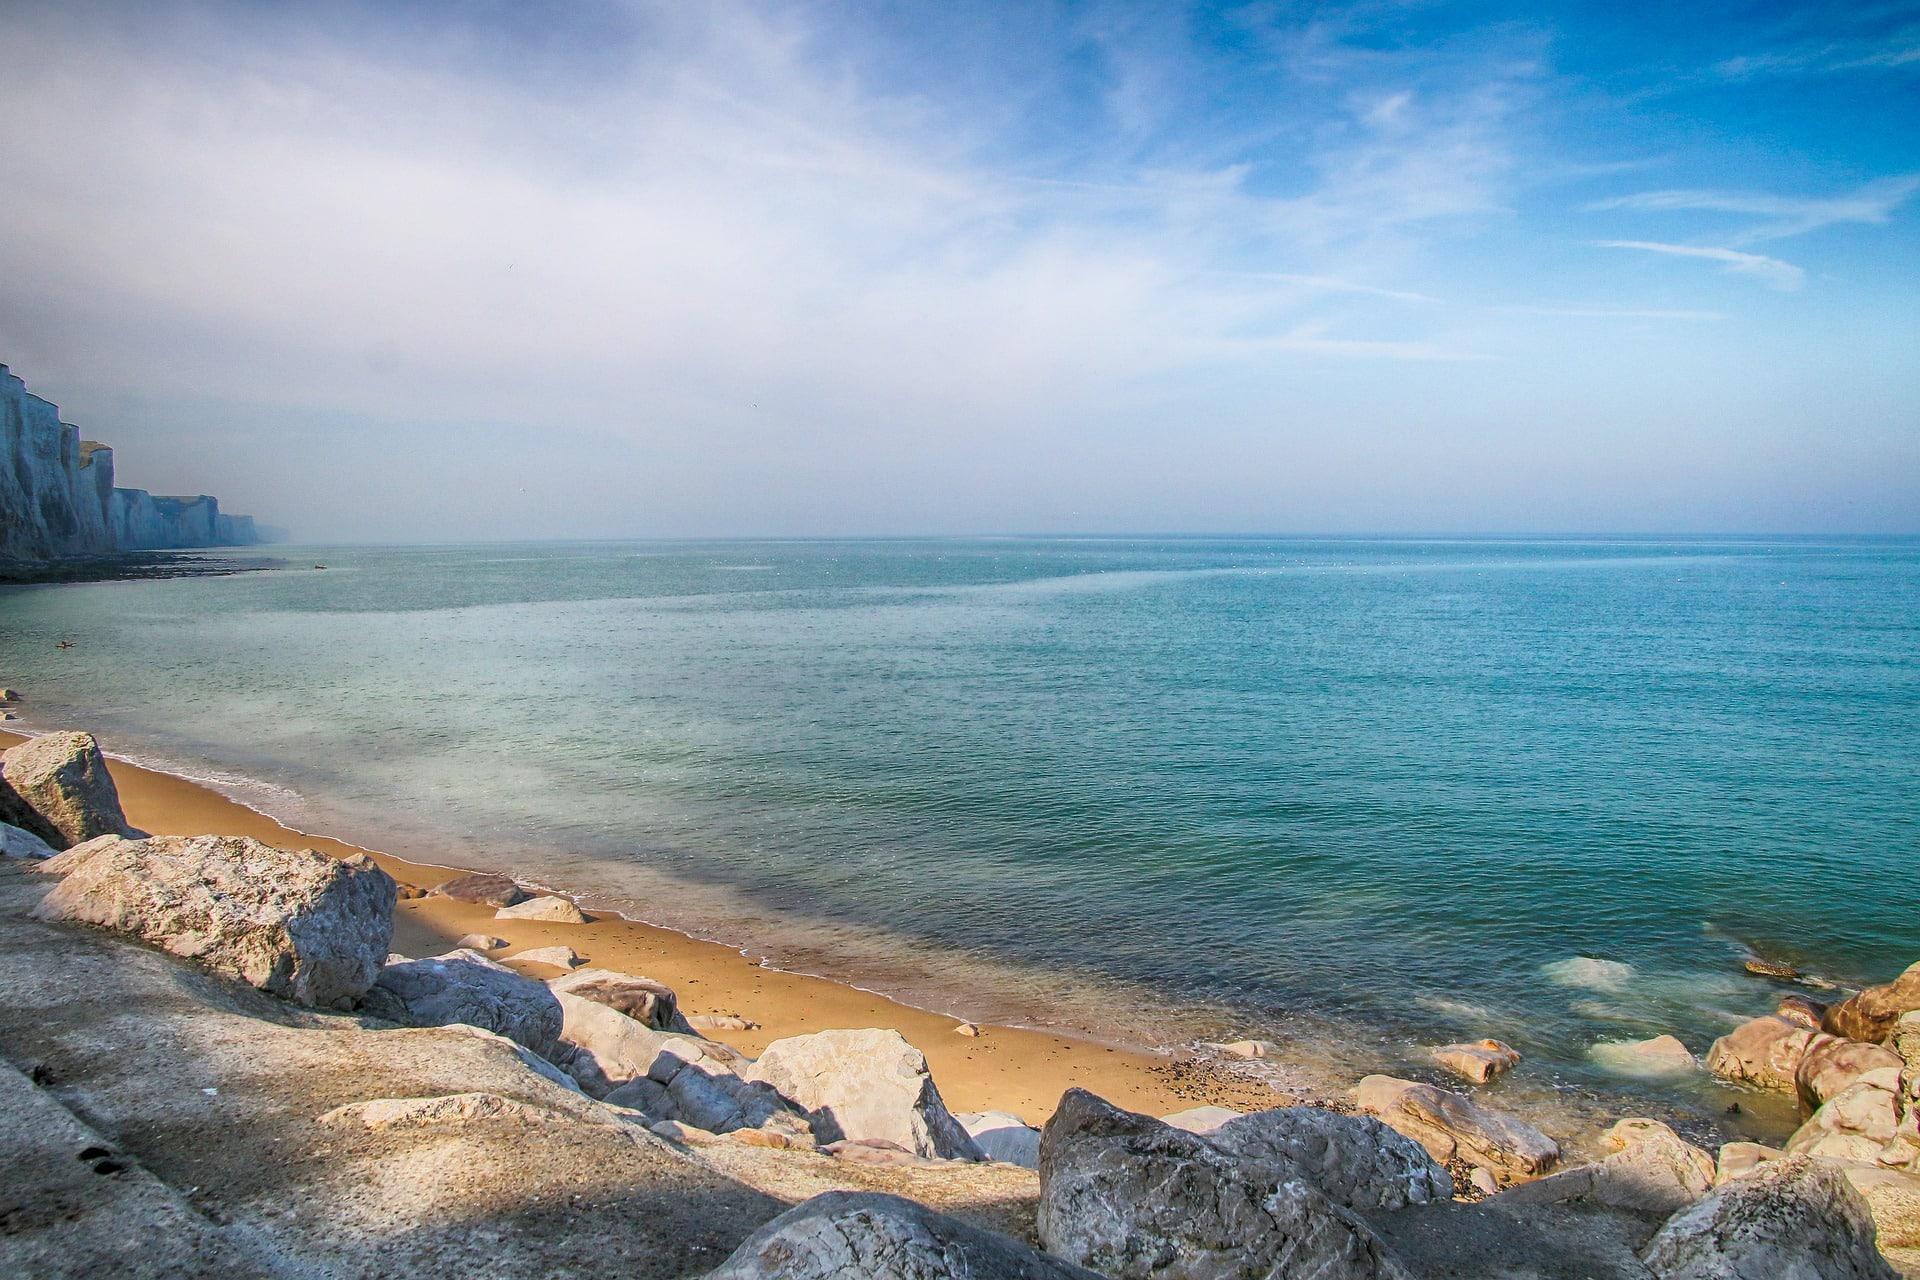 La plage de Ault